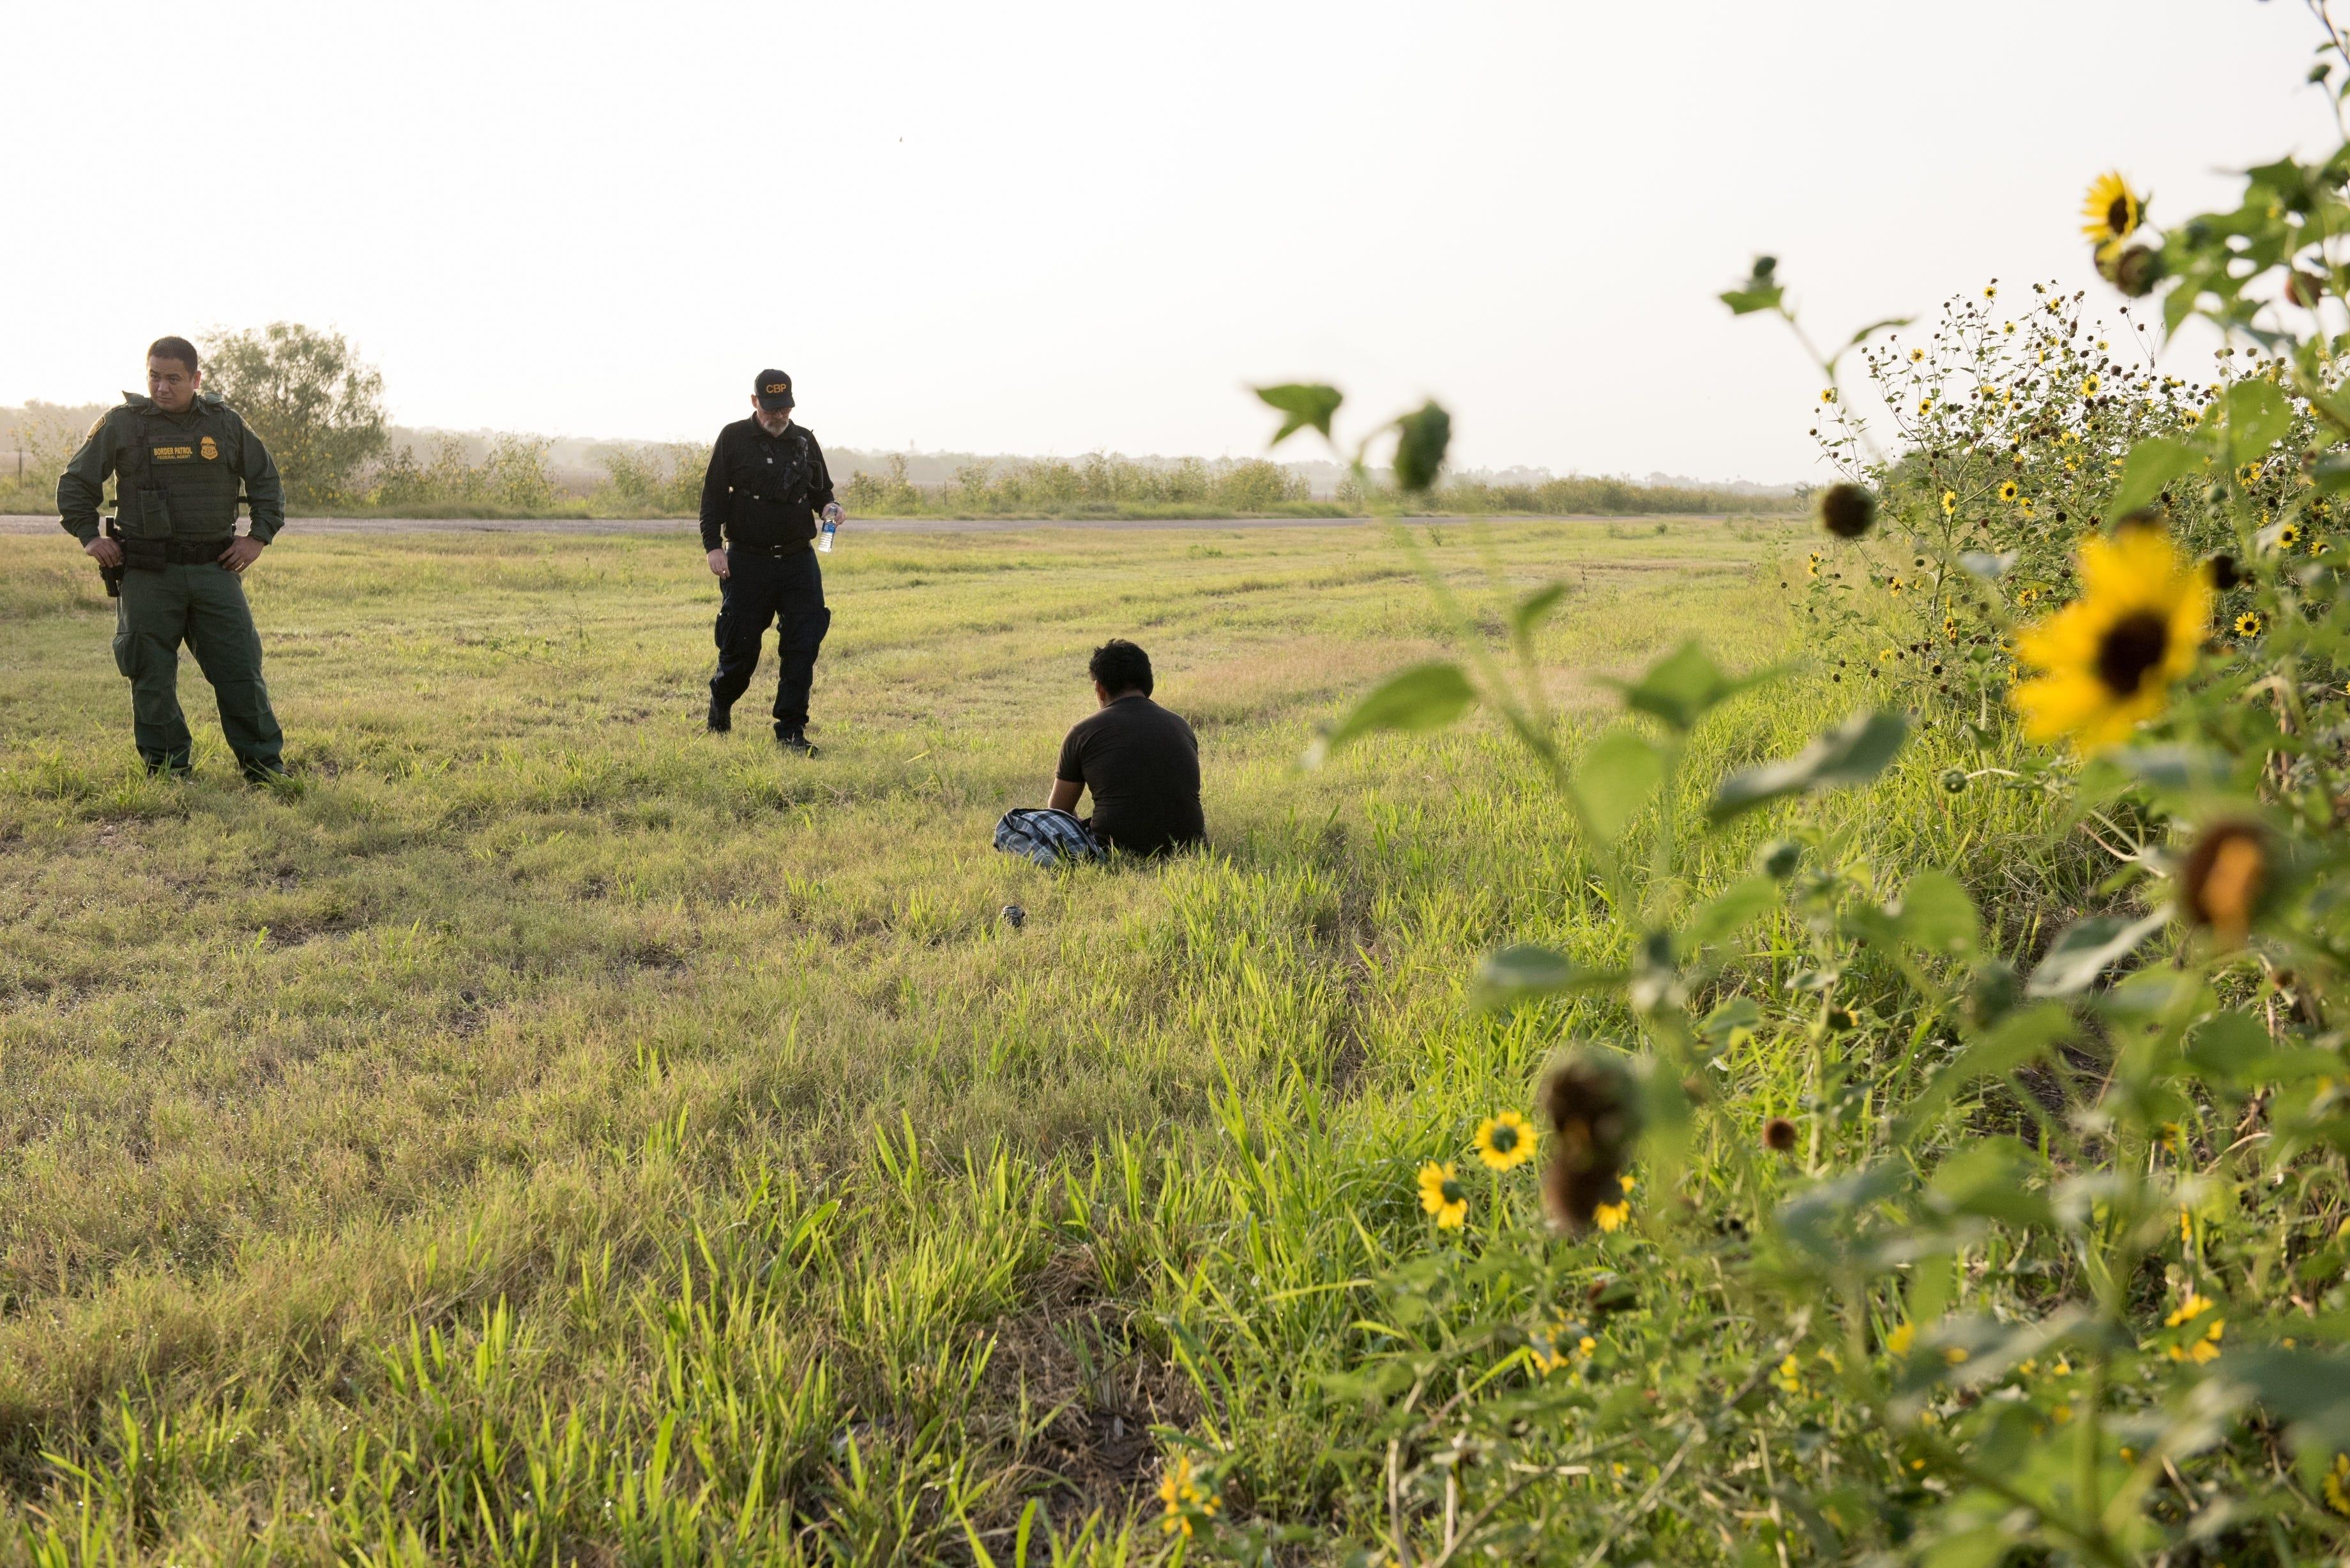 MCALLEN, Texas – Un menor de edad que viaja solo desde Guatemala es detenido por la Patrulla Fronteriza en el sector del Valle del Río Grande el 25 de junio del 2019. El niño viajaba con un grupo pero se perdió una vez cruzaron ilegalmente dentro de los Estados Unidos.